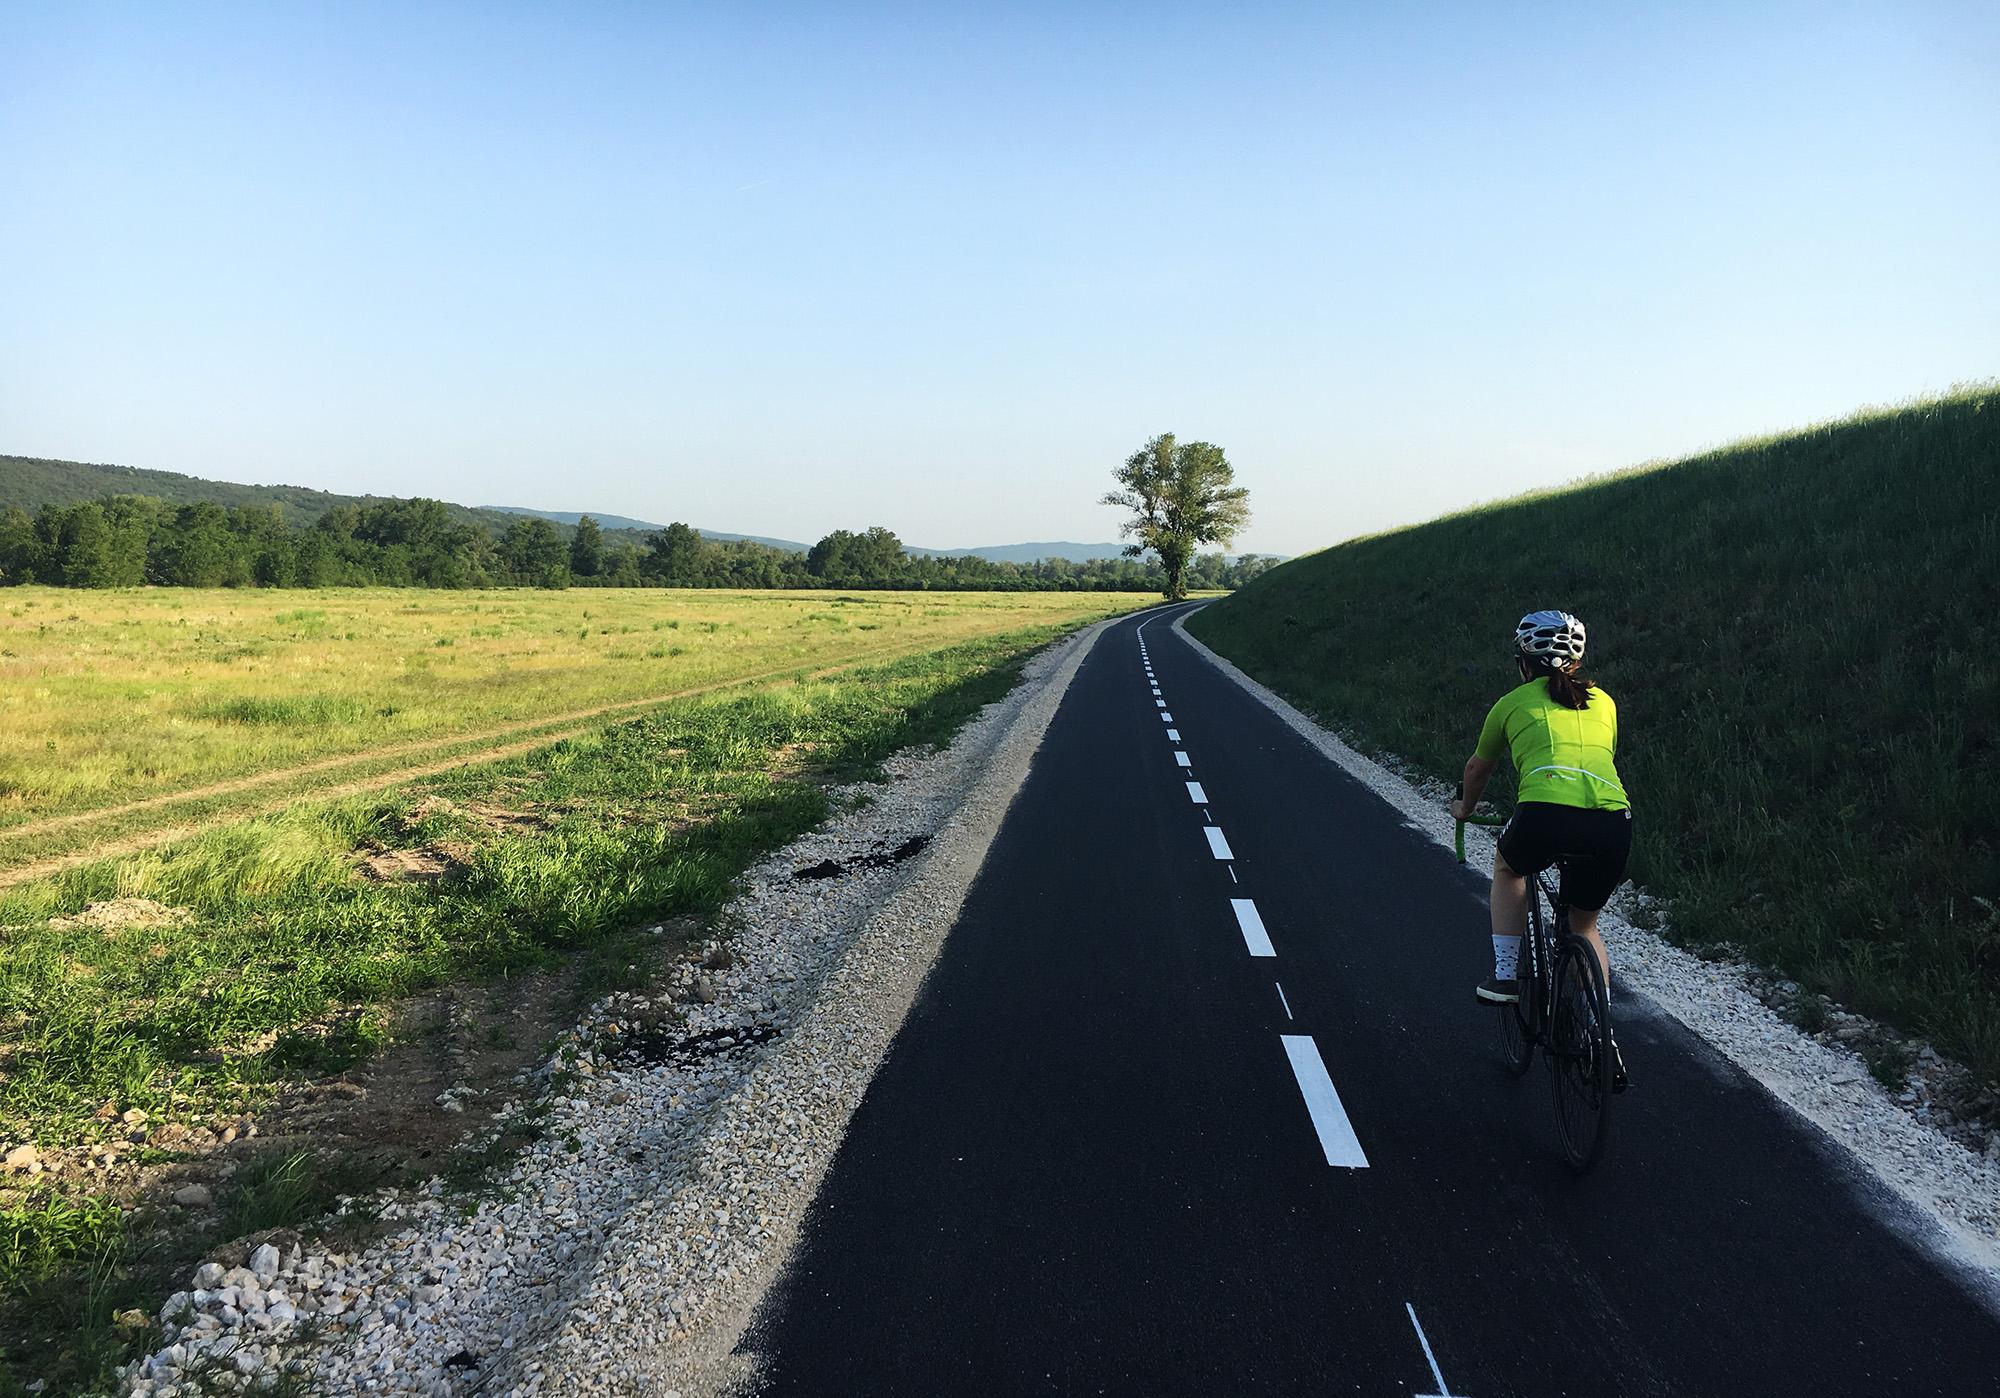 431acccad Otvoria vážsku cyklotrasu medzi Hornou Stredou a Novým Mestom nad Váhom –  Biker.sk